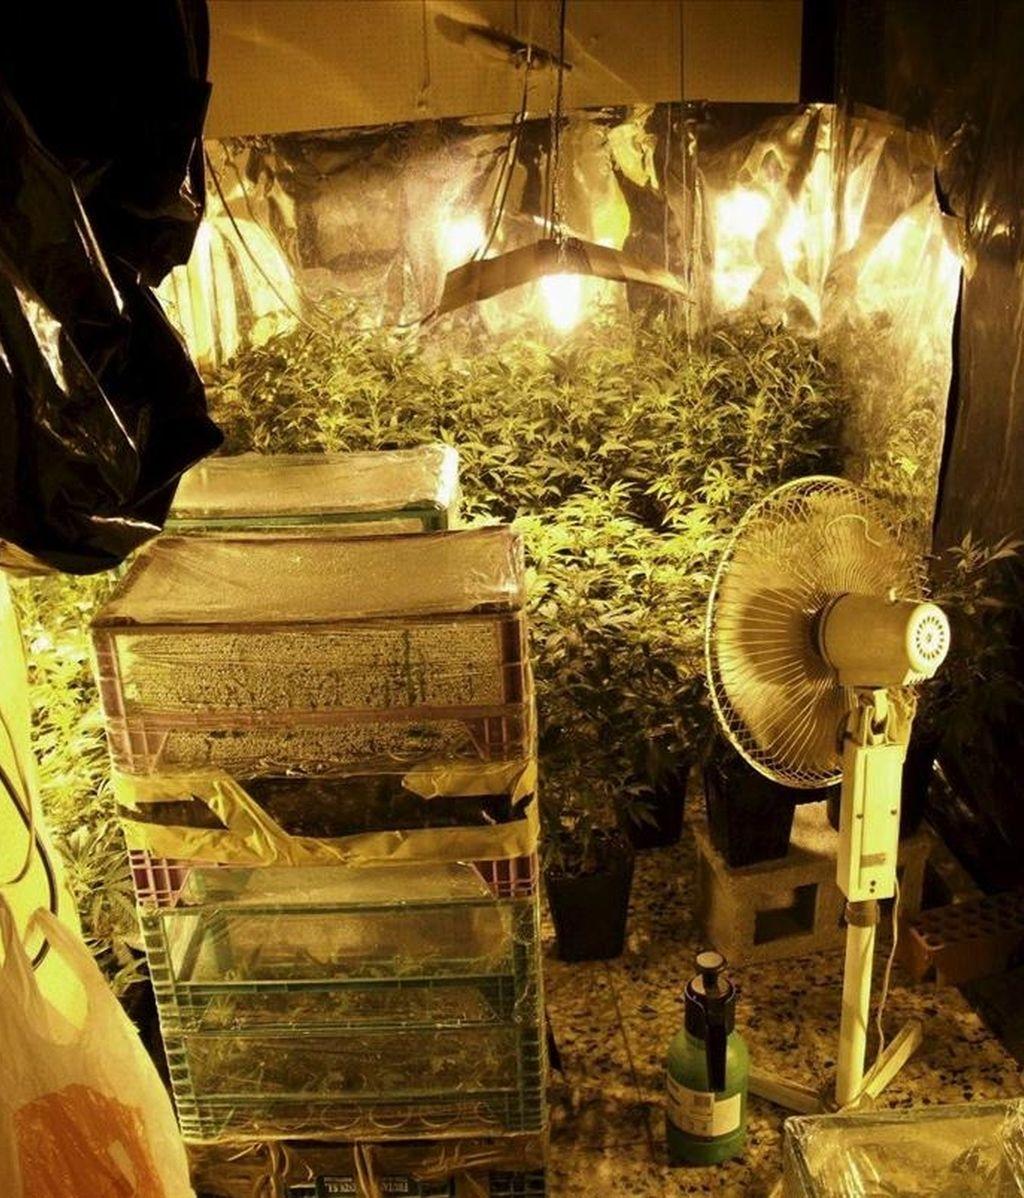 Agentes de la Ertzaintza encontraron una plantación de marihuana en un piso de Ermua al que acudieron para auxiliar a una comisión judicial que iba a proceder a desahuciar al joven que residía en la vivienda. EFE/Archivo